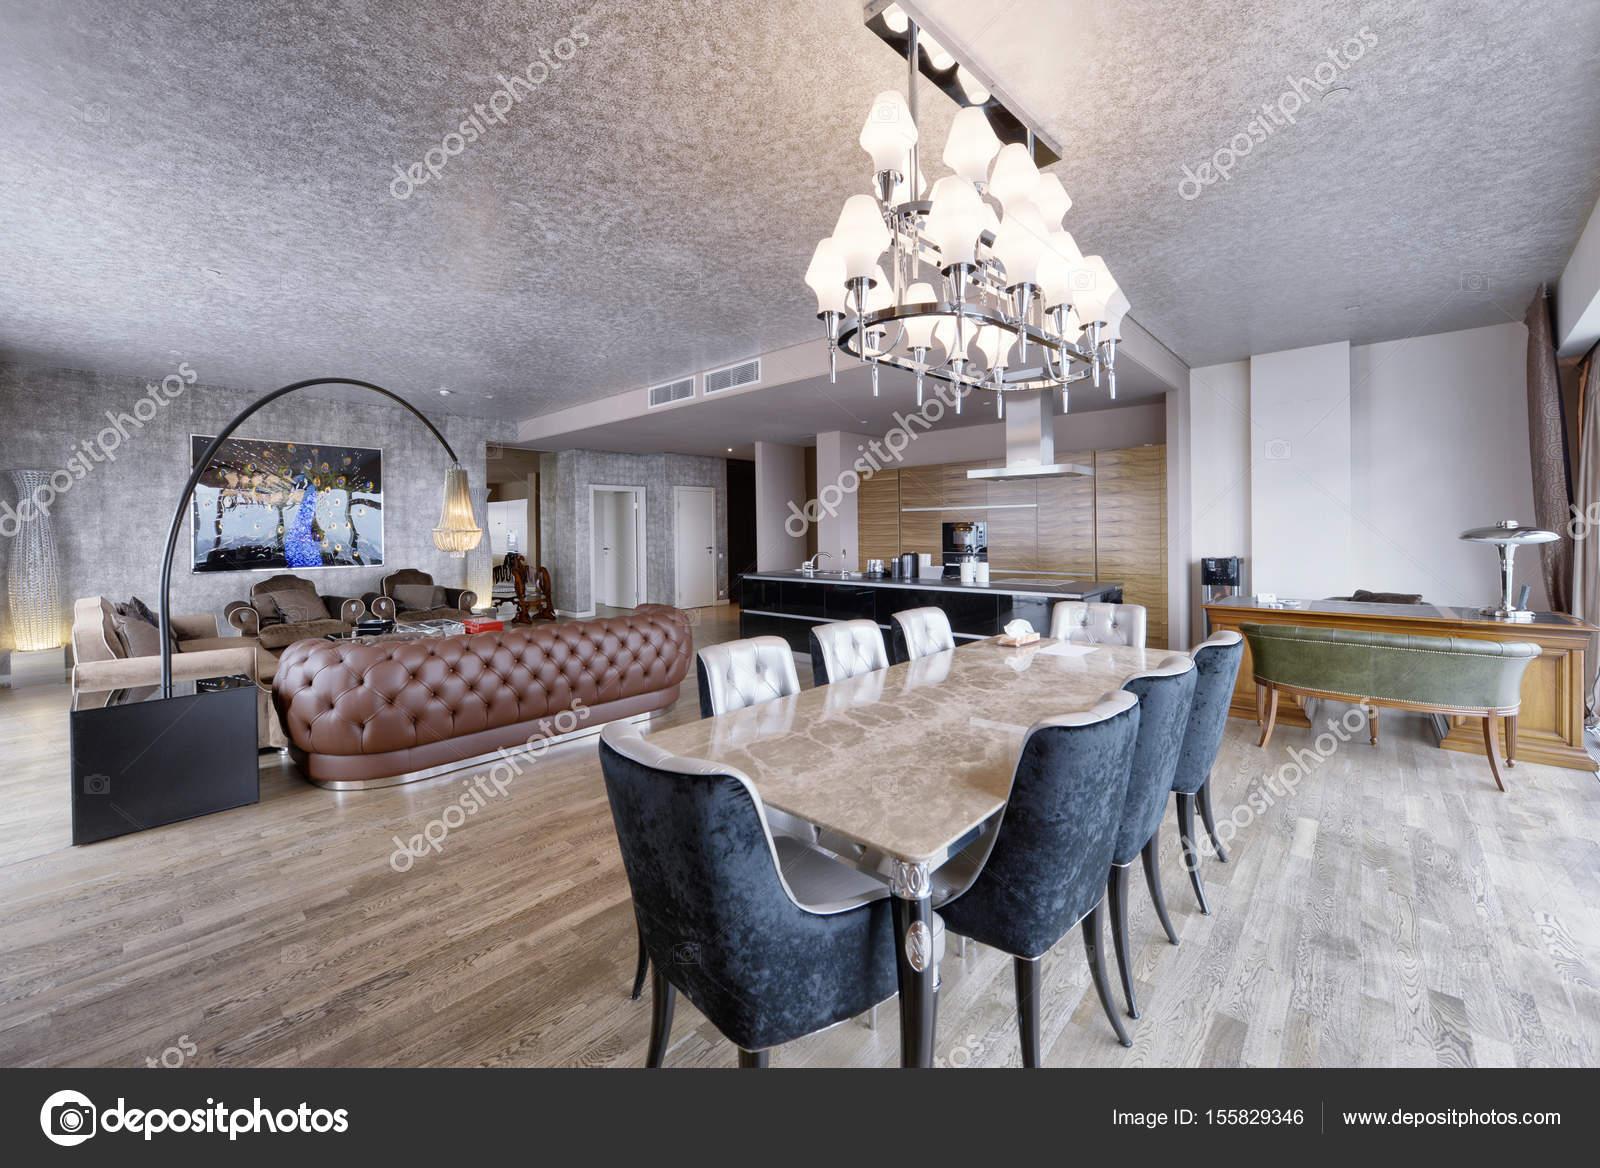 Luxe woonkamer interieur — Stockfoto © ovchinnikovfoto #155829346